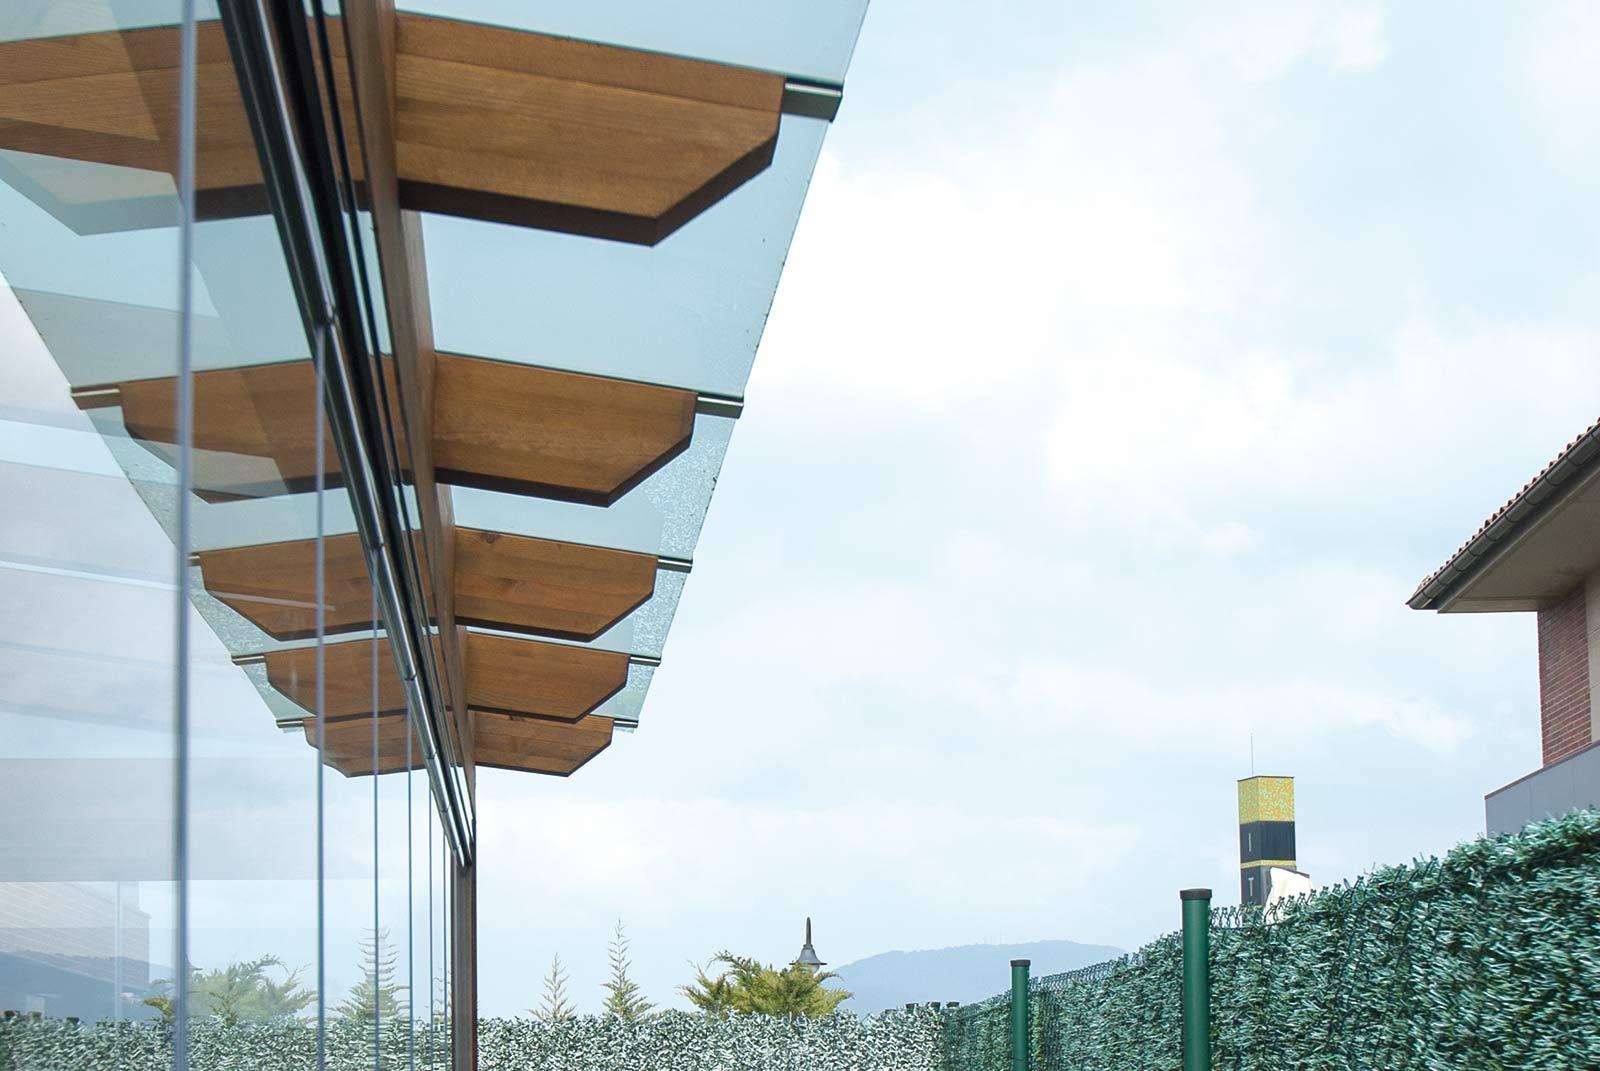 porche-jardin-madera-cristal-lumon-cerrado-abierto-13